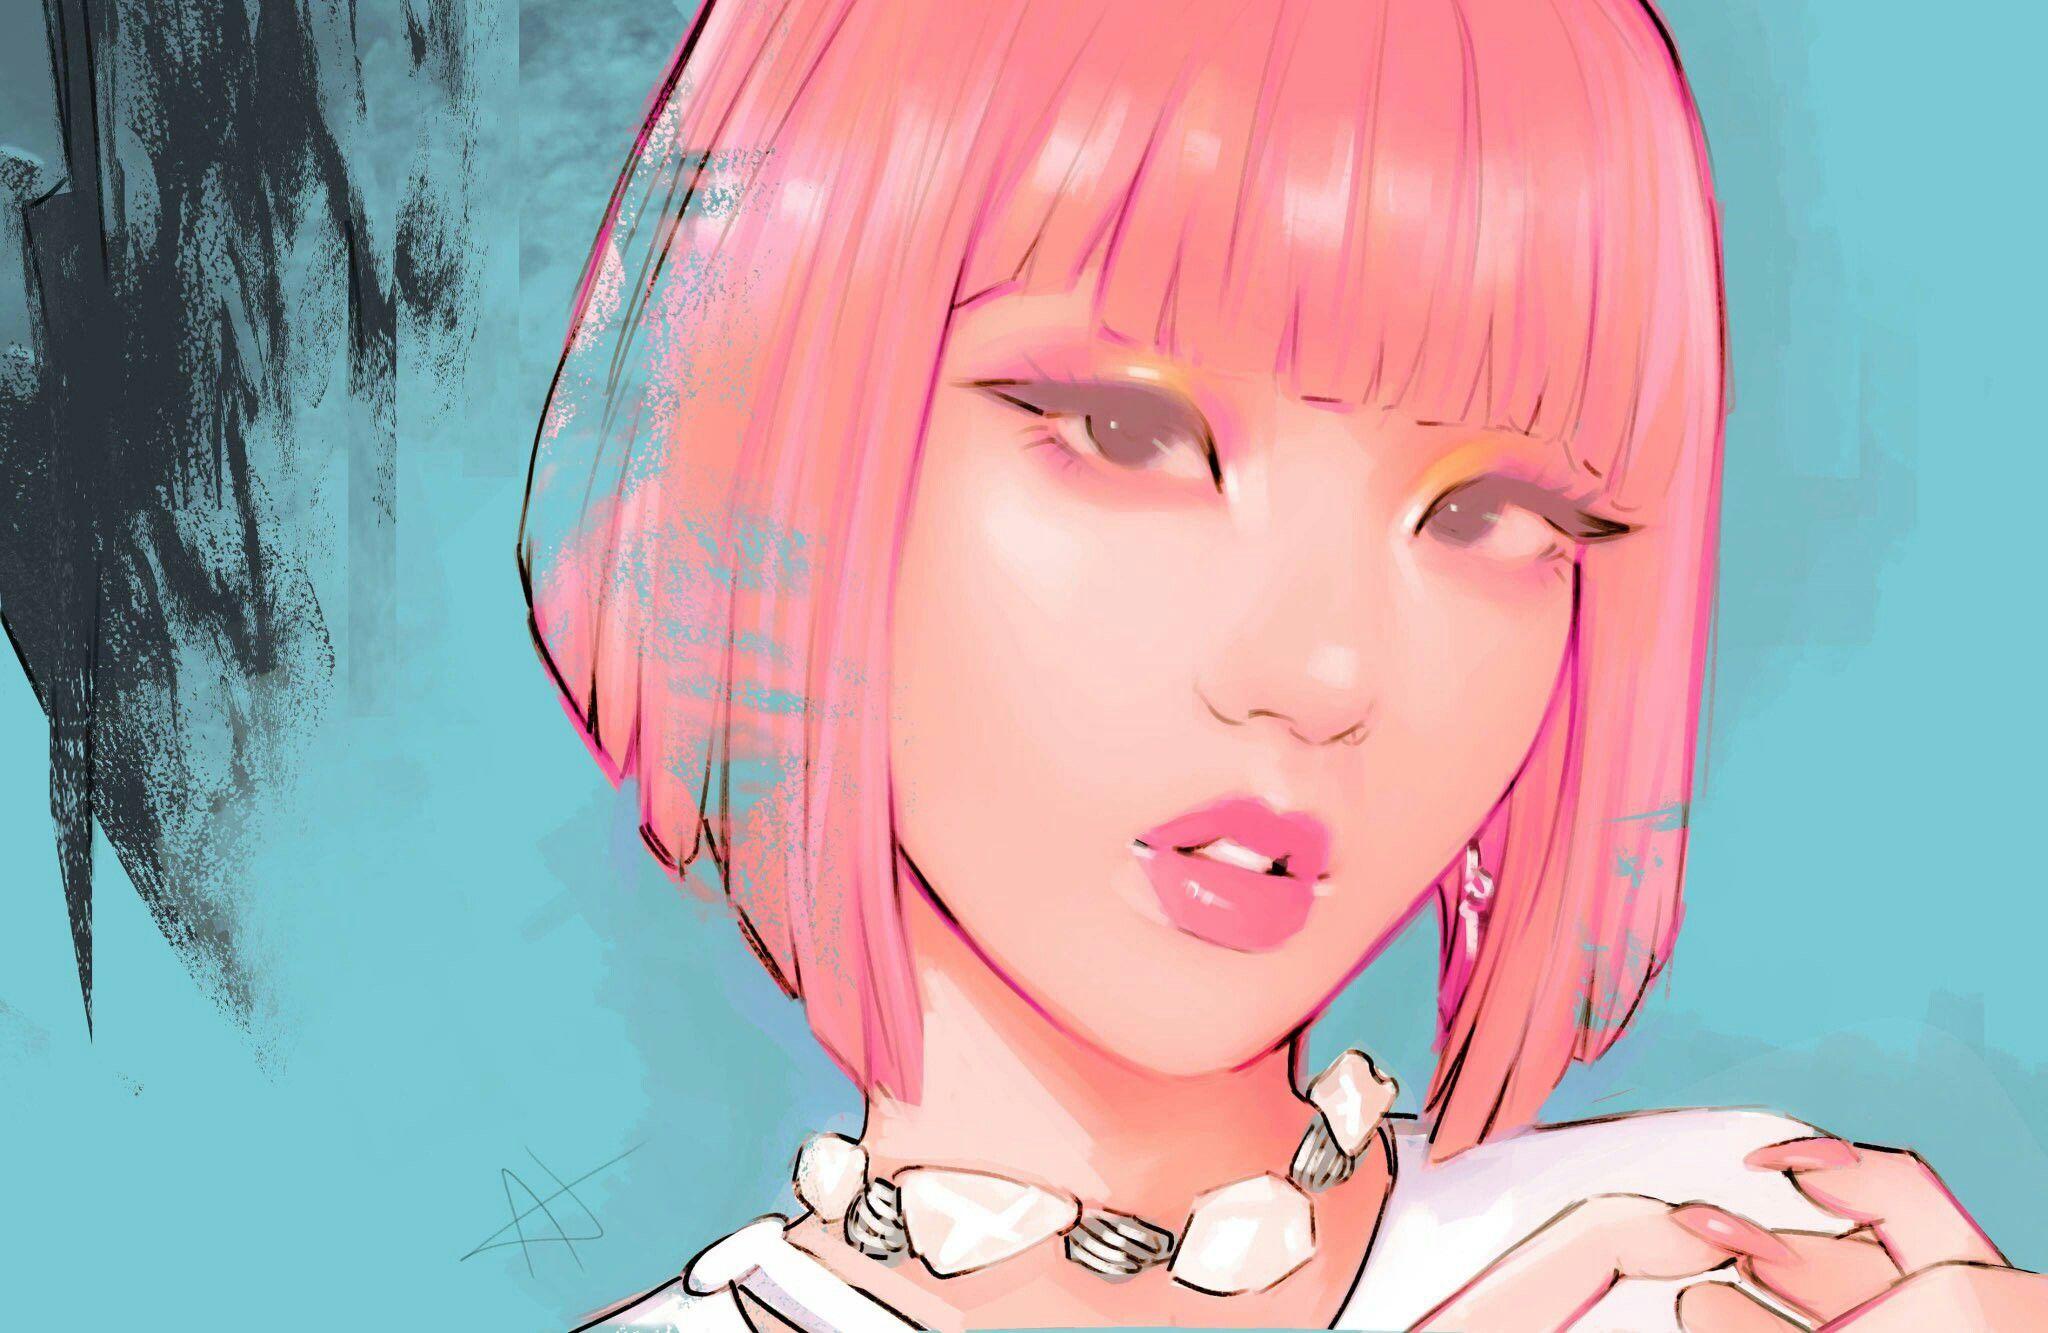 BLACKPINK Jisoo fanart Kpop fanart, Blackpink jisoo, Fan art